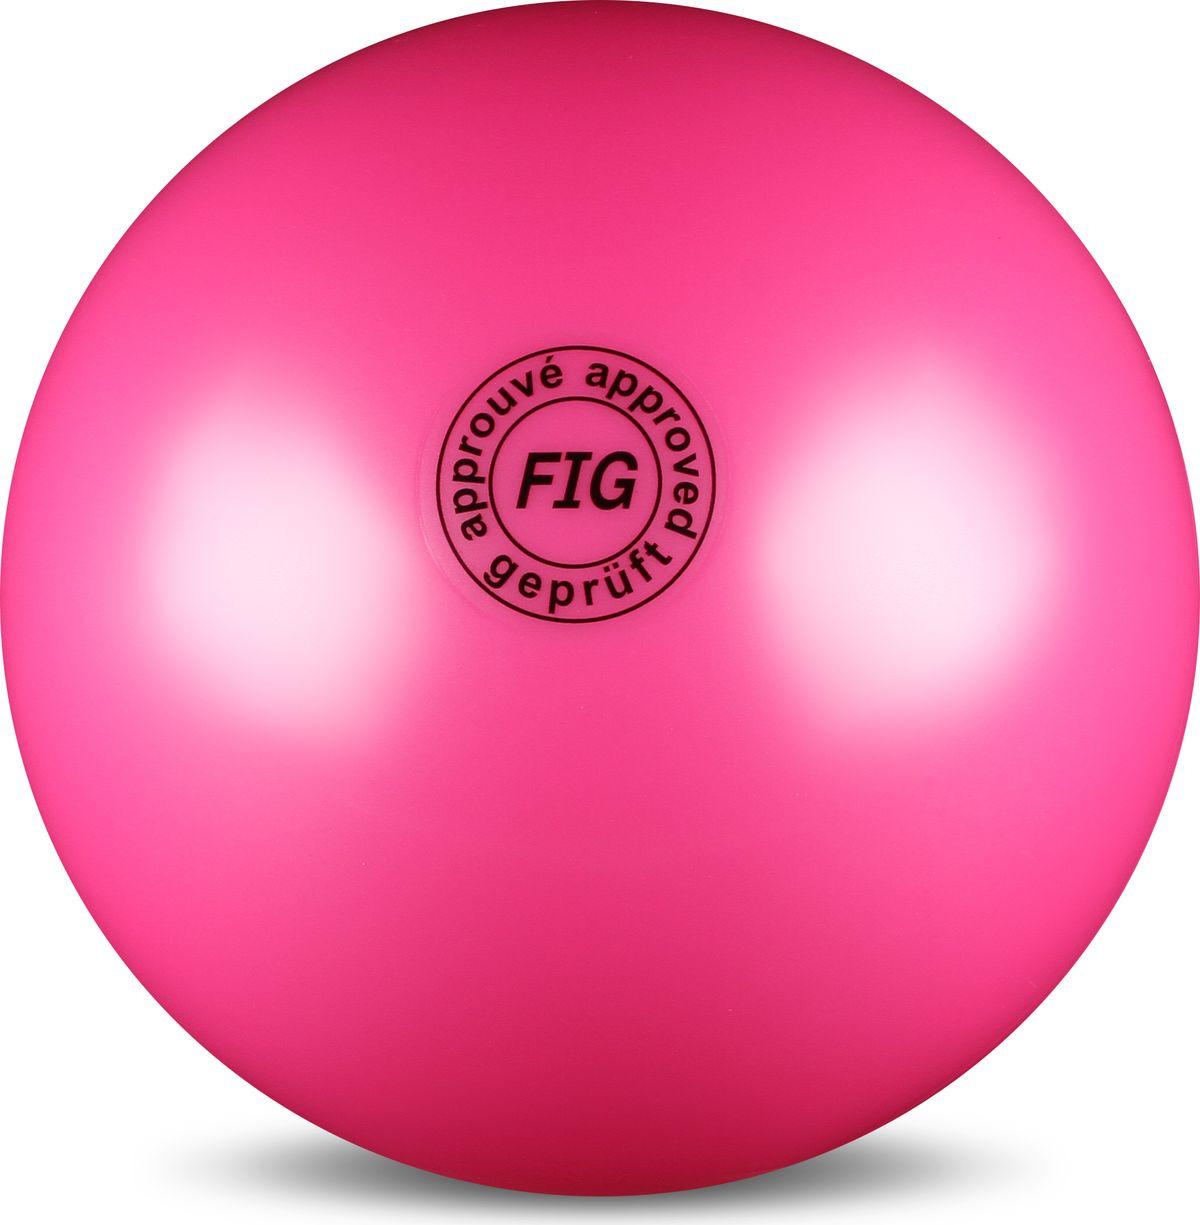 Мяч гимнастический Indigo, цвет: фуксия, диаметр 19 см